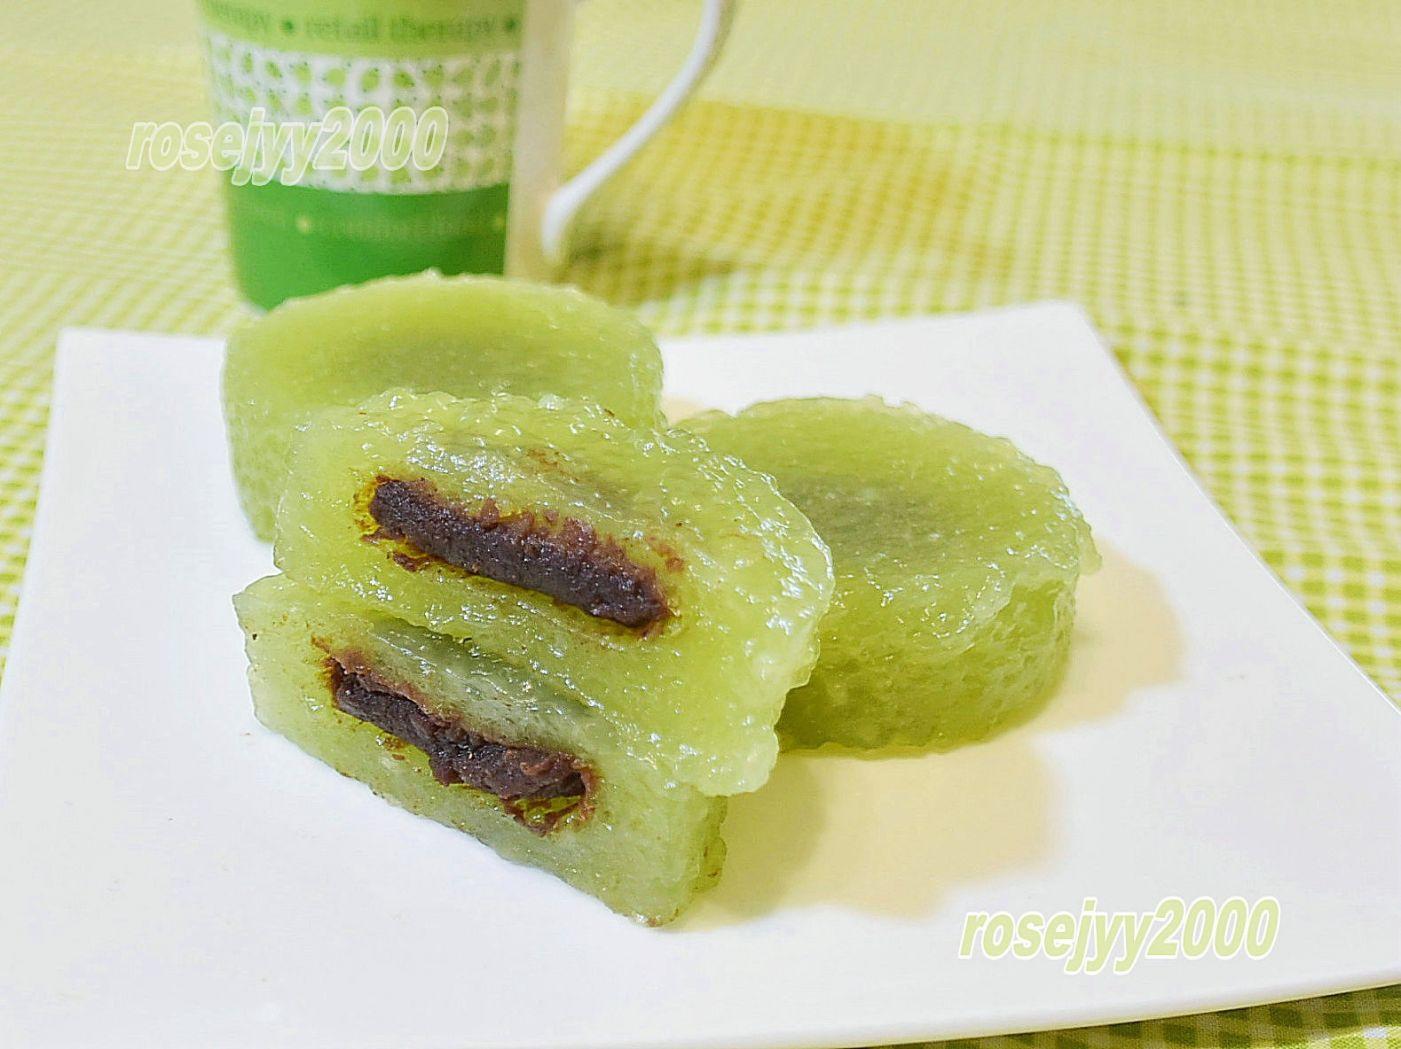 抹茶水晶豆沙盏_图1-1